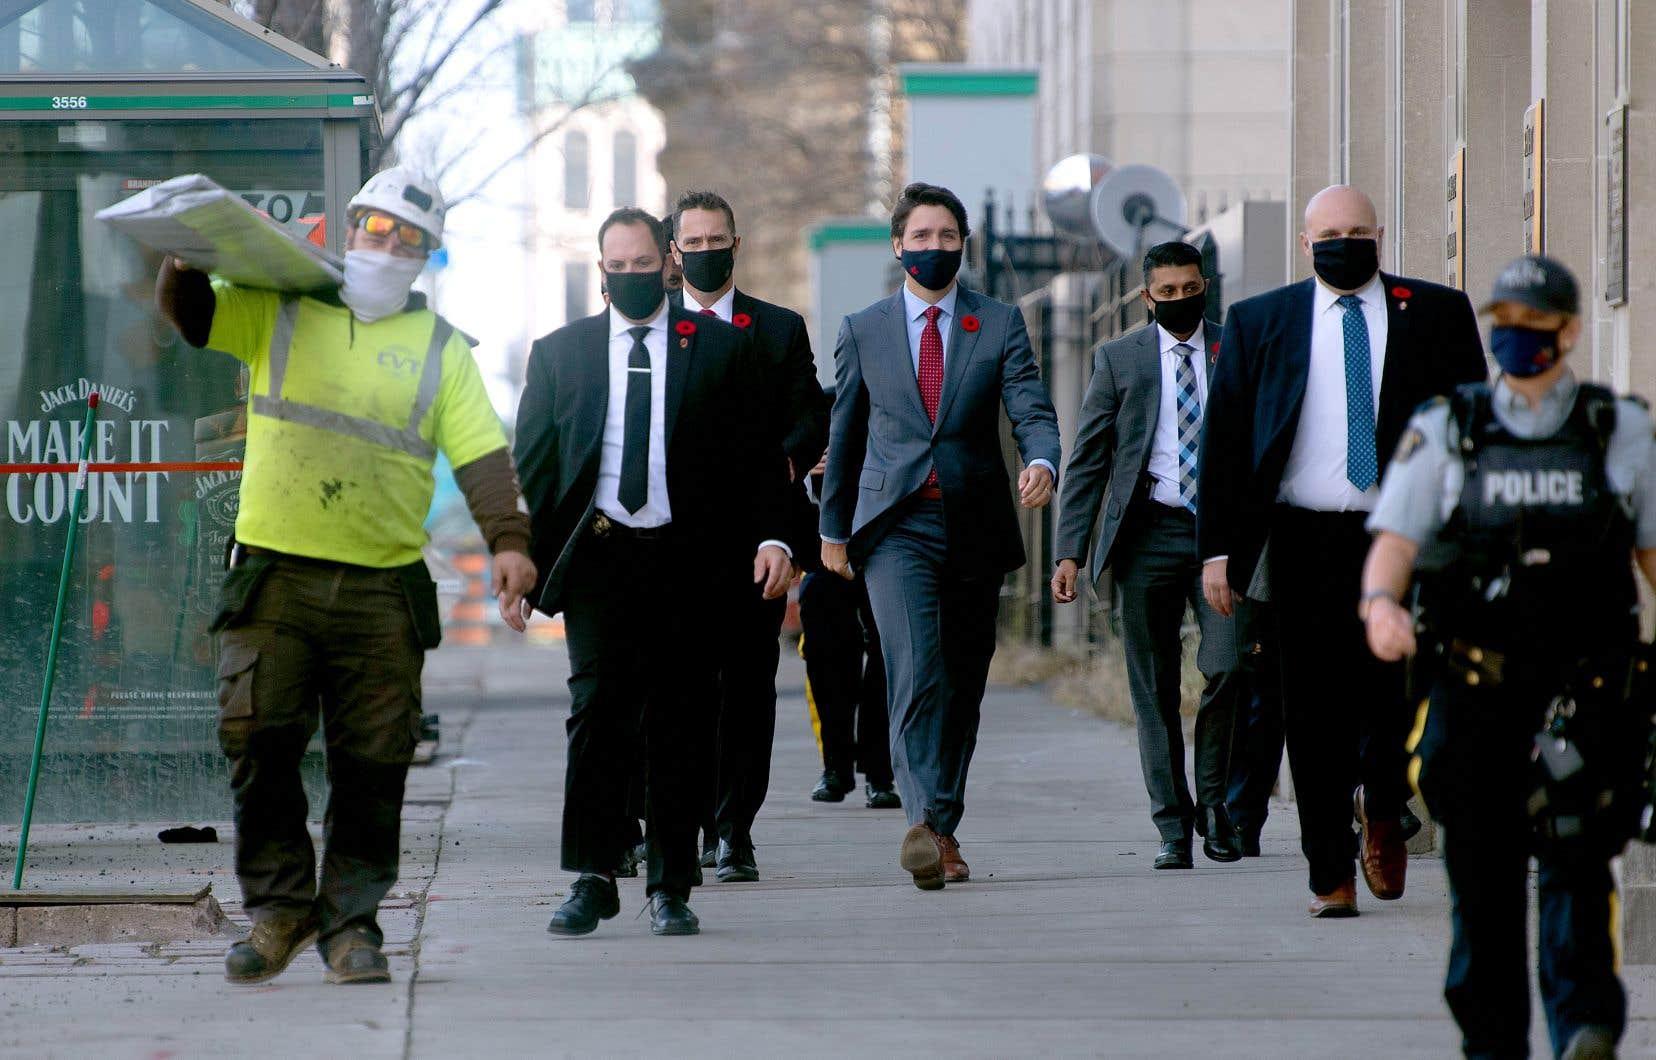 Le premier ministre Justin Trudeau et des membres de son service de sécurité marchent en direction du Centre des conférences à Ottawa. M. Trudeau a laissé entendre, mardi, qu'il cherchait des solutions de remplacement à la détention en matière d'immigration.